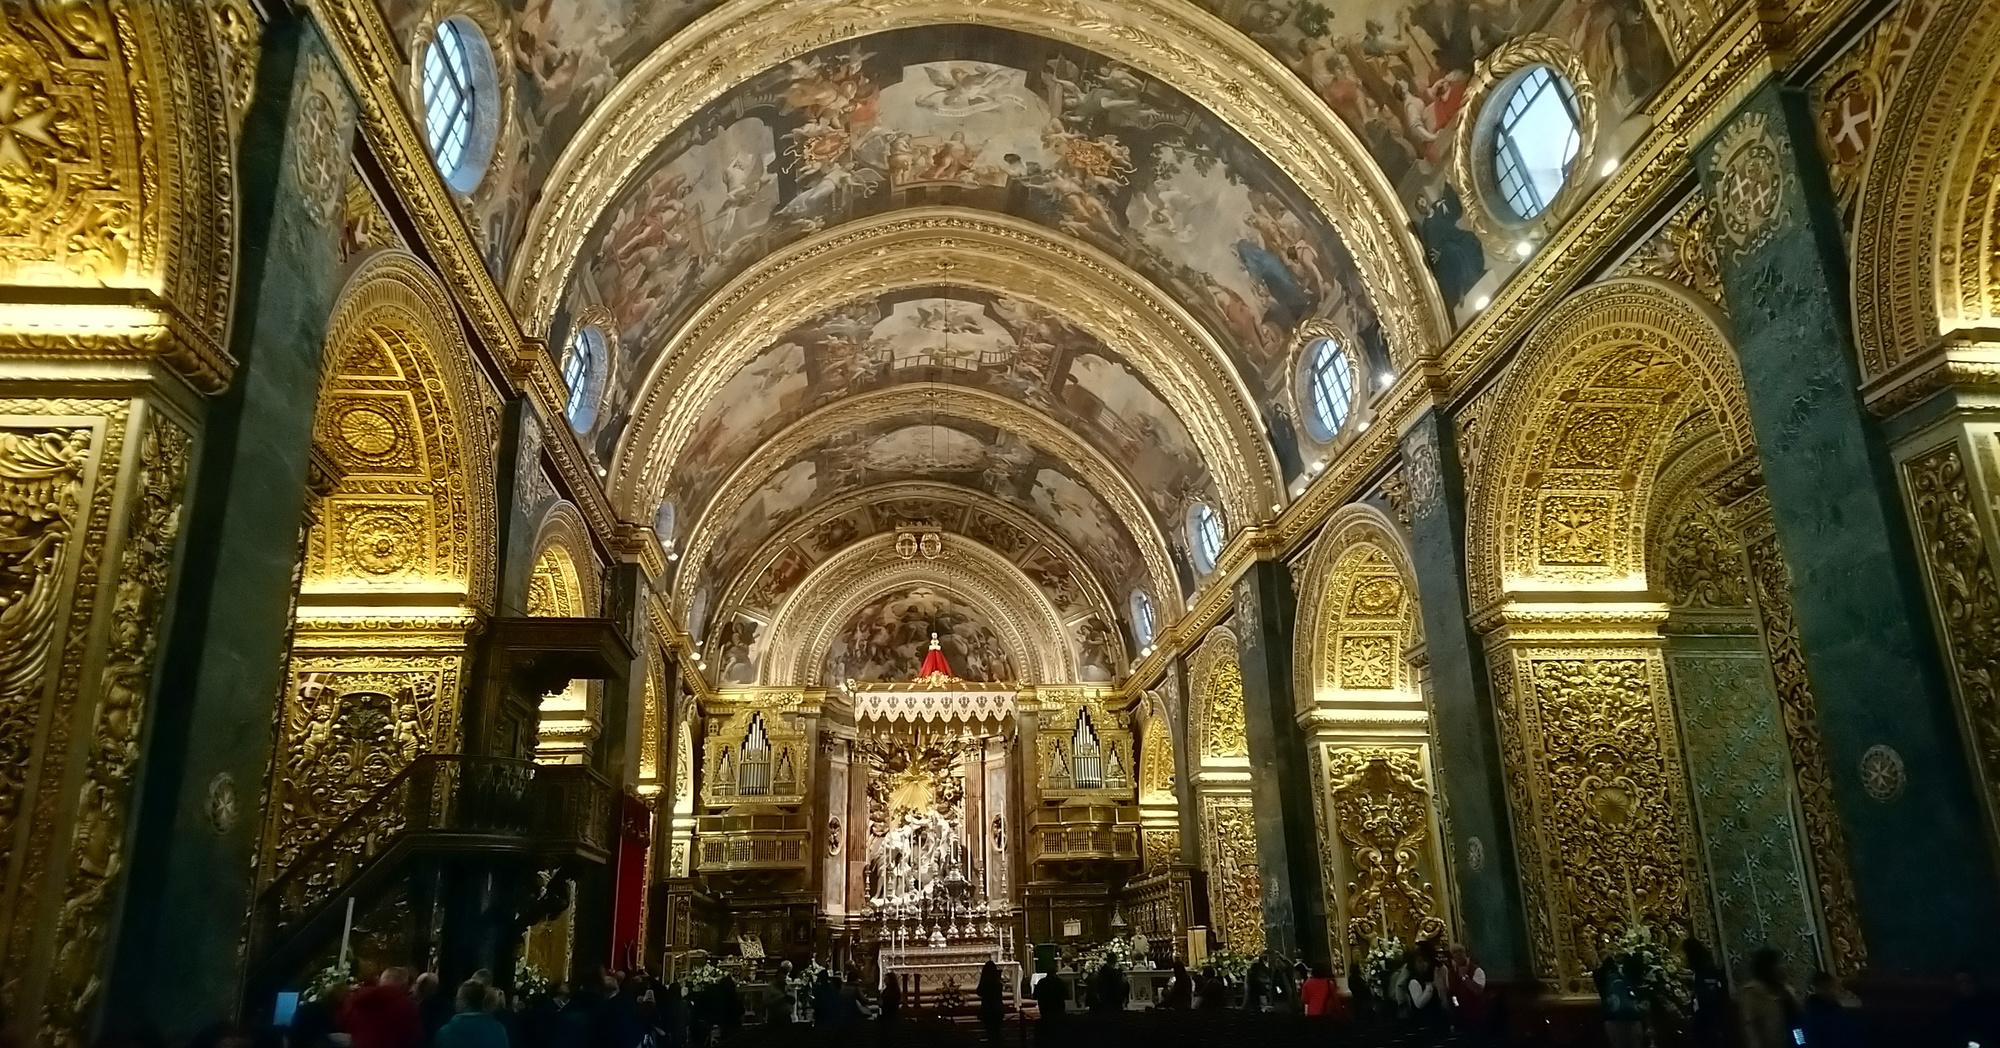 La co-cathédrale Saint-Jean, située à La Valette, est un édifice surprenant qui associe une façade sobre issue de l'architecture de la Renaissance, à un intérieur baroque riche en décorations et en dorures., Mailys Chavagne